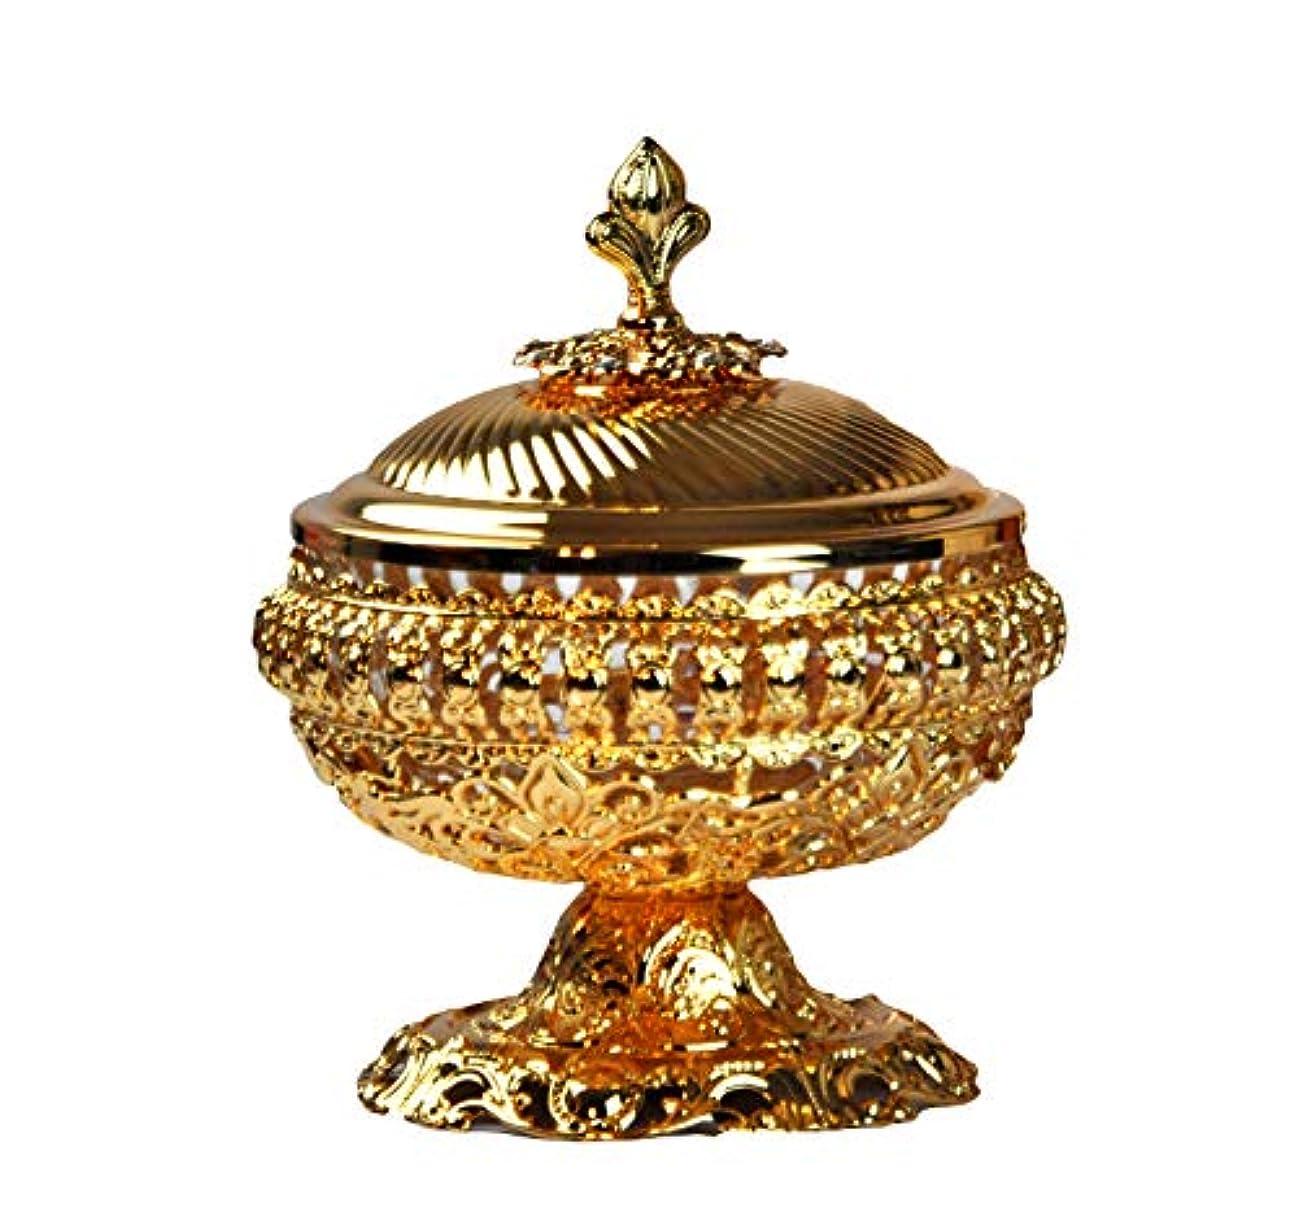 不均一廃止する雑多なDecorative Bowl to keep hold整理Arabia Bakhoor、チャコール、Oudチップ、Oud Wood、Oudhタブレット、 9inc. シルバー